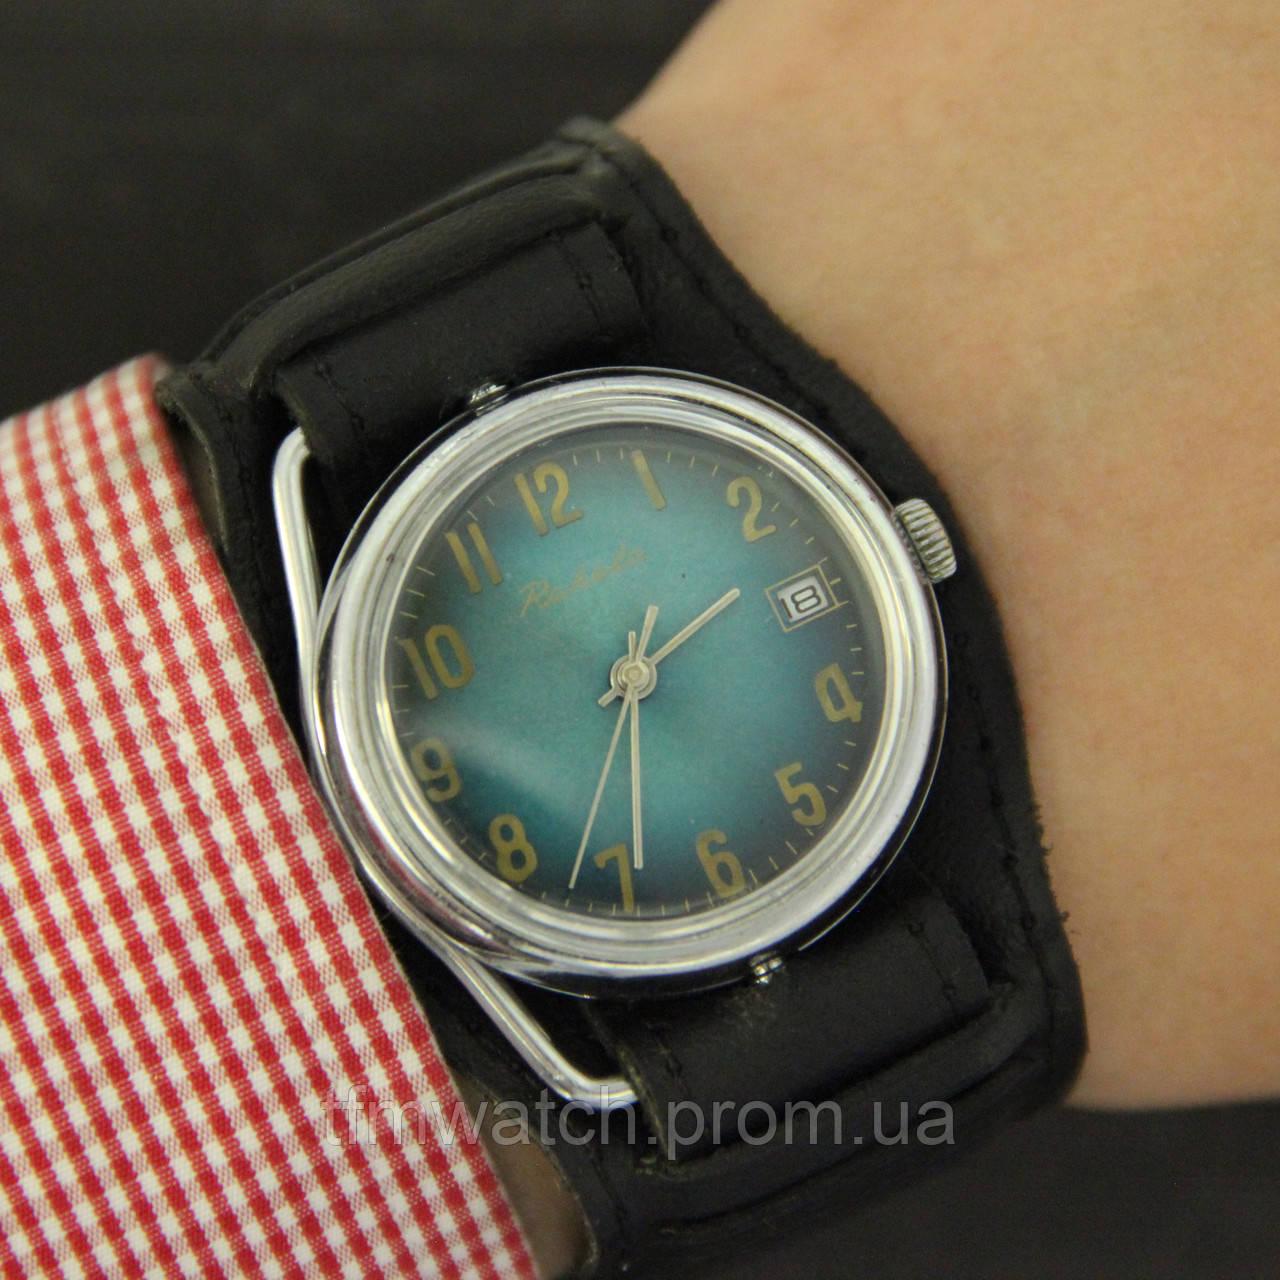 Купить наручные часы российские бинарные часы наручные мужские инструкция